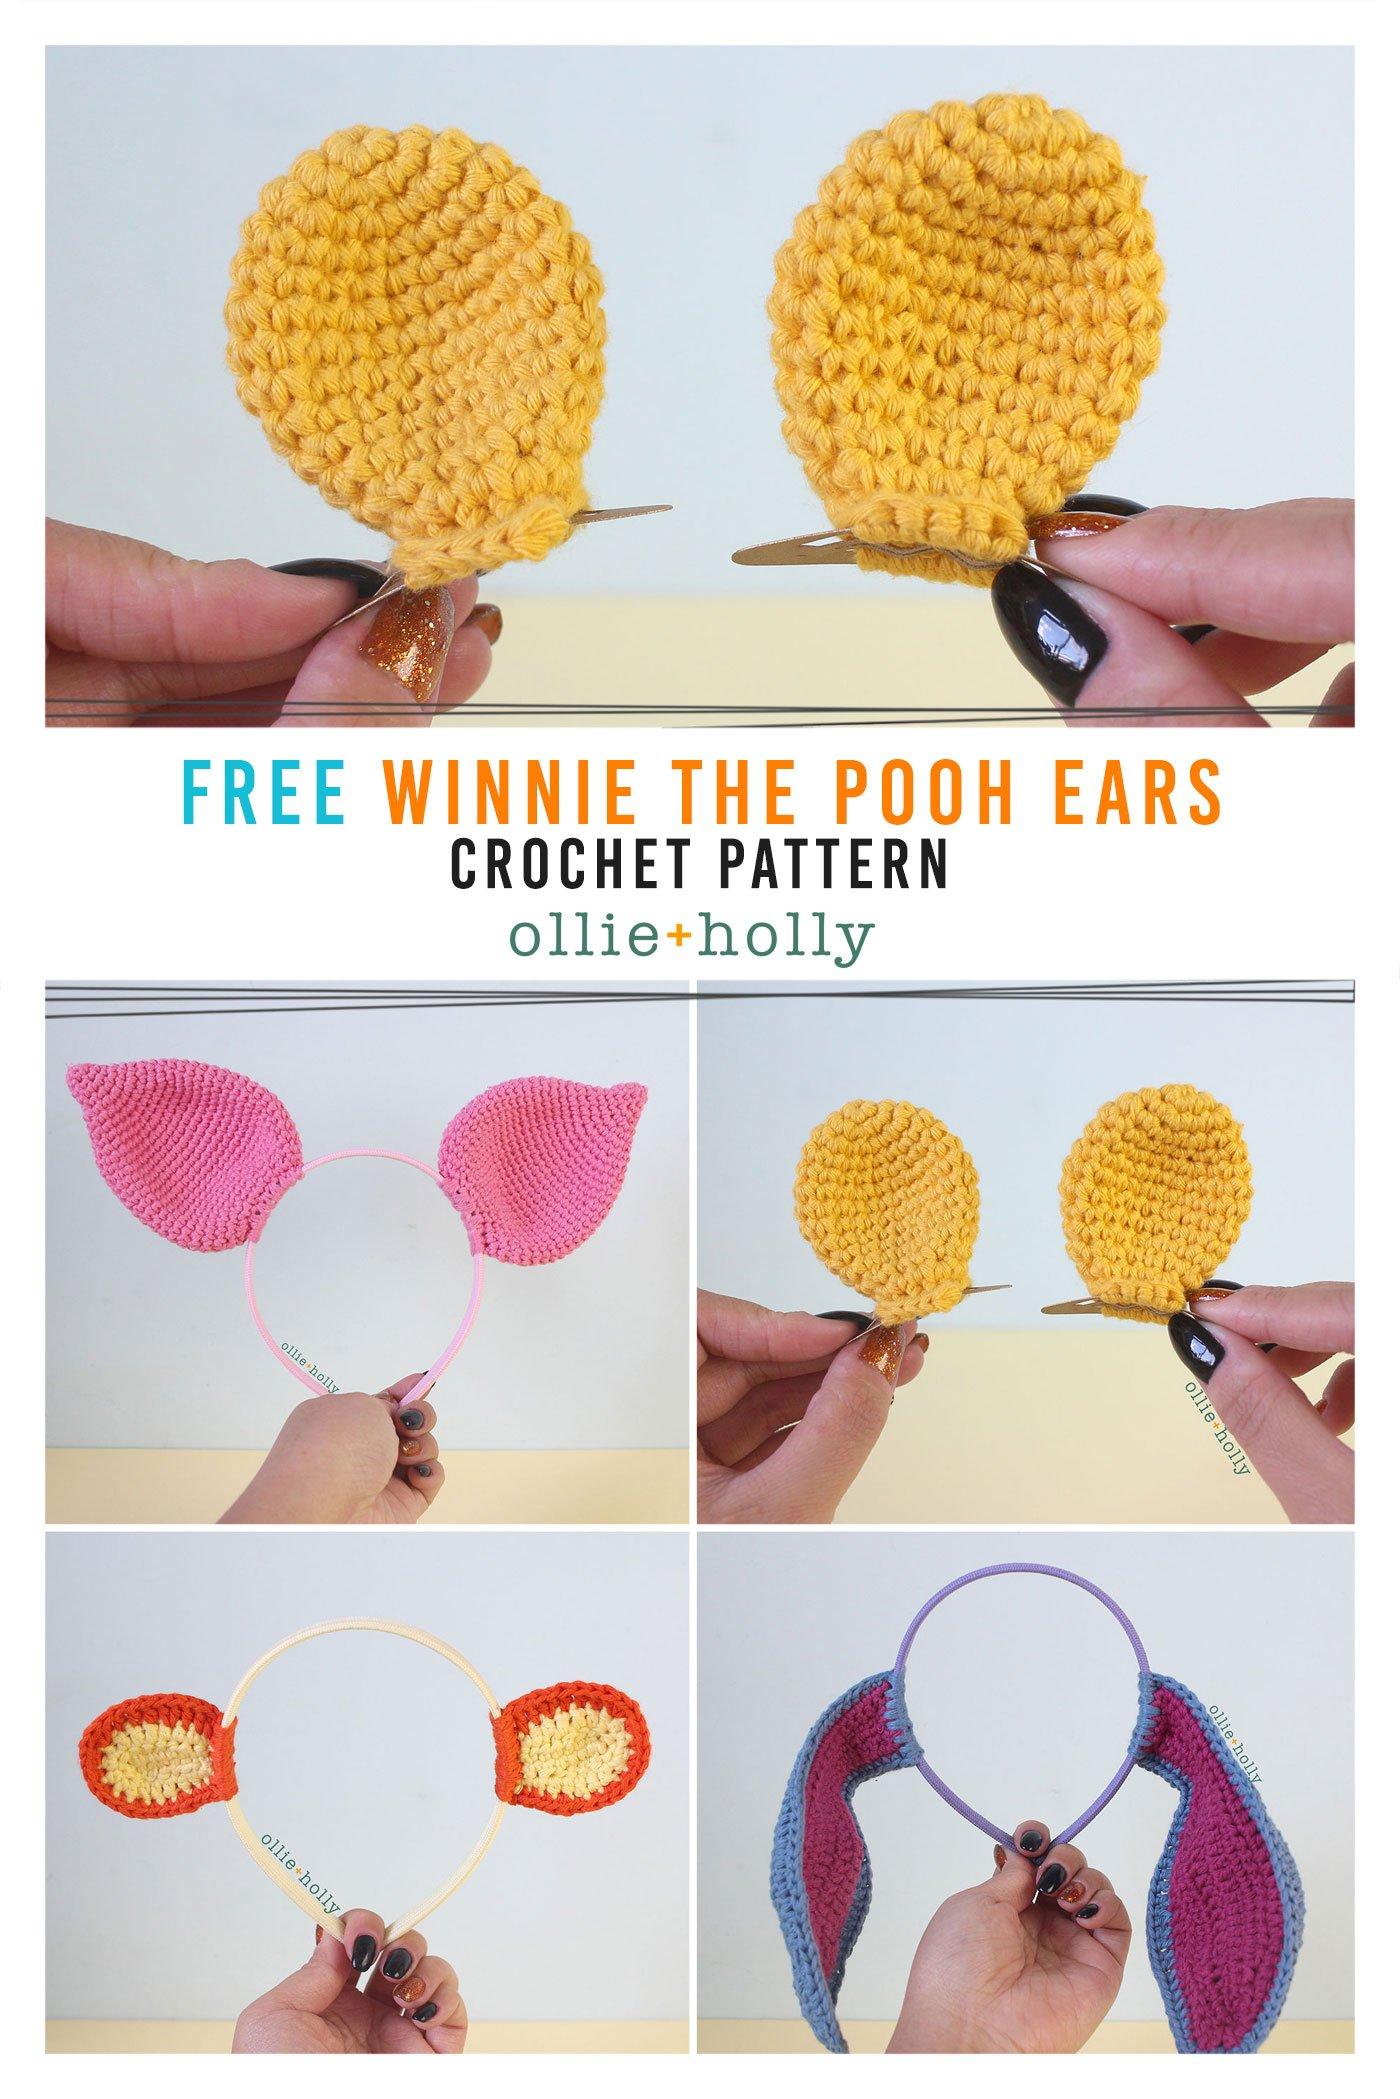 Free Winnie the Pooh Crochet DIY Disney Ears Pattern